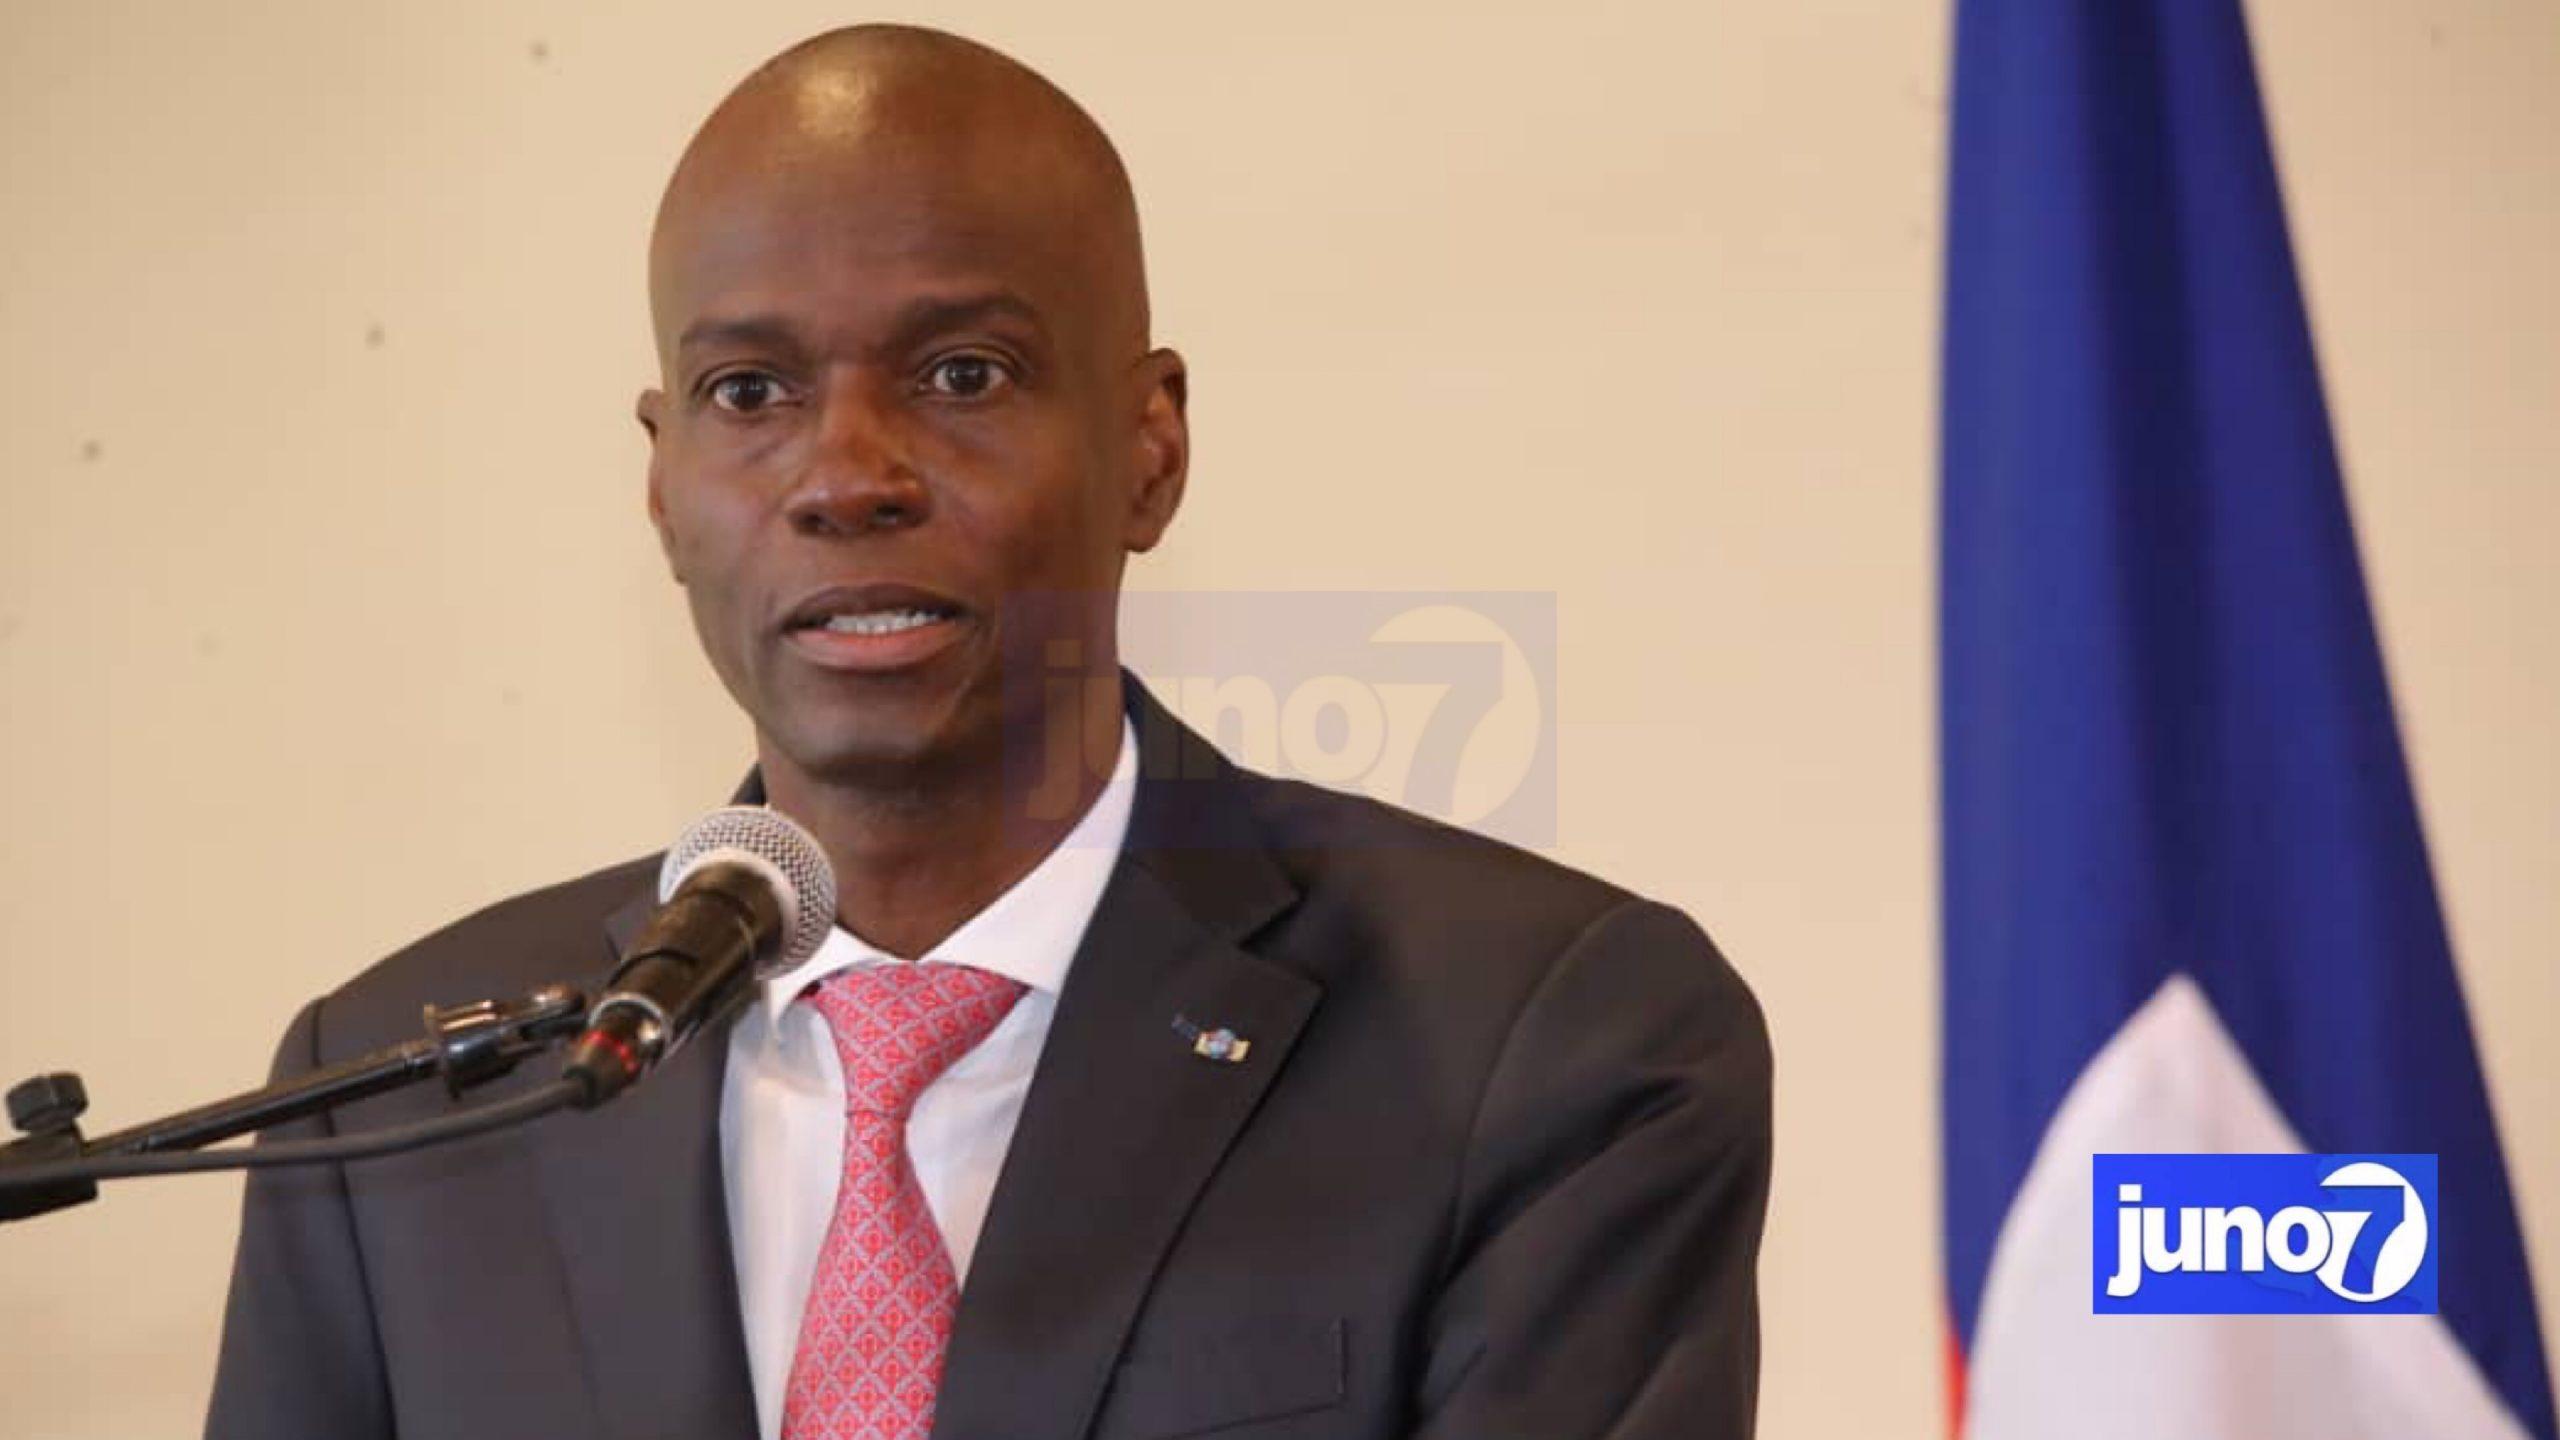 Covid19 Haïti : Le président annonce des mesures économiques pour faire face au Coronavirus